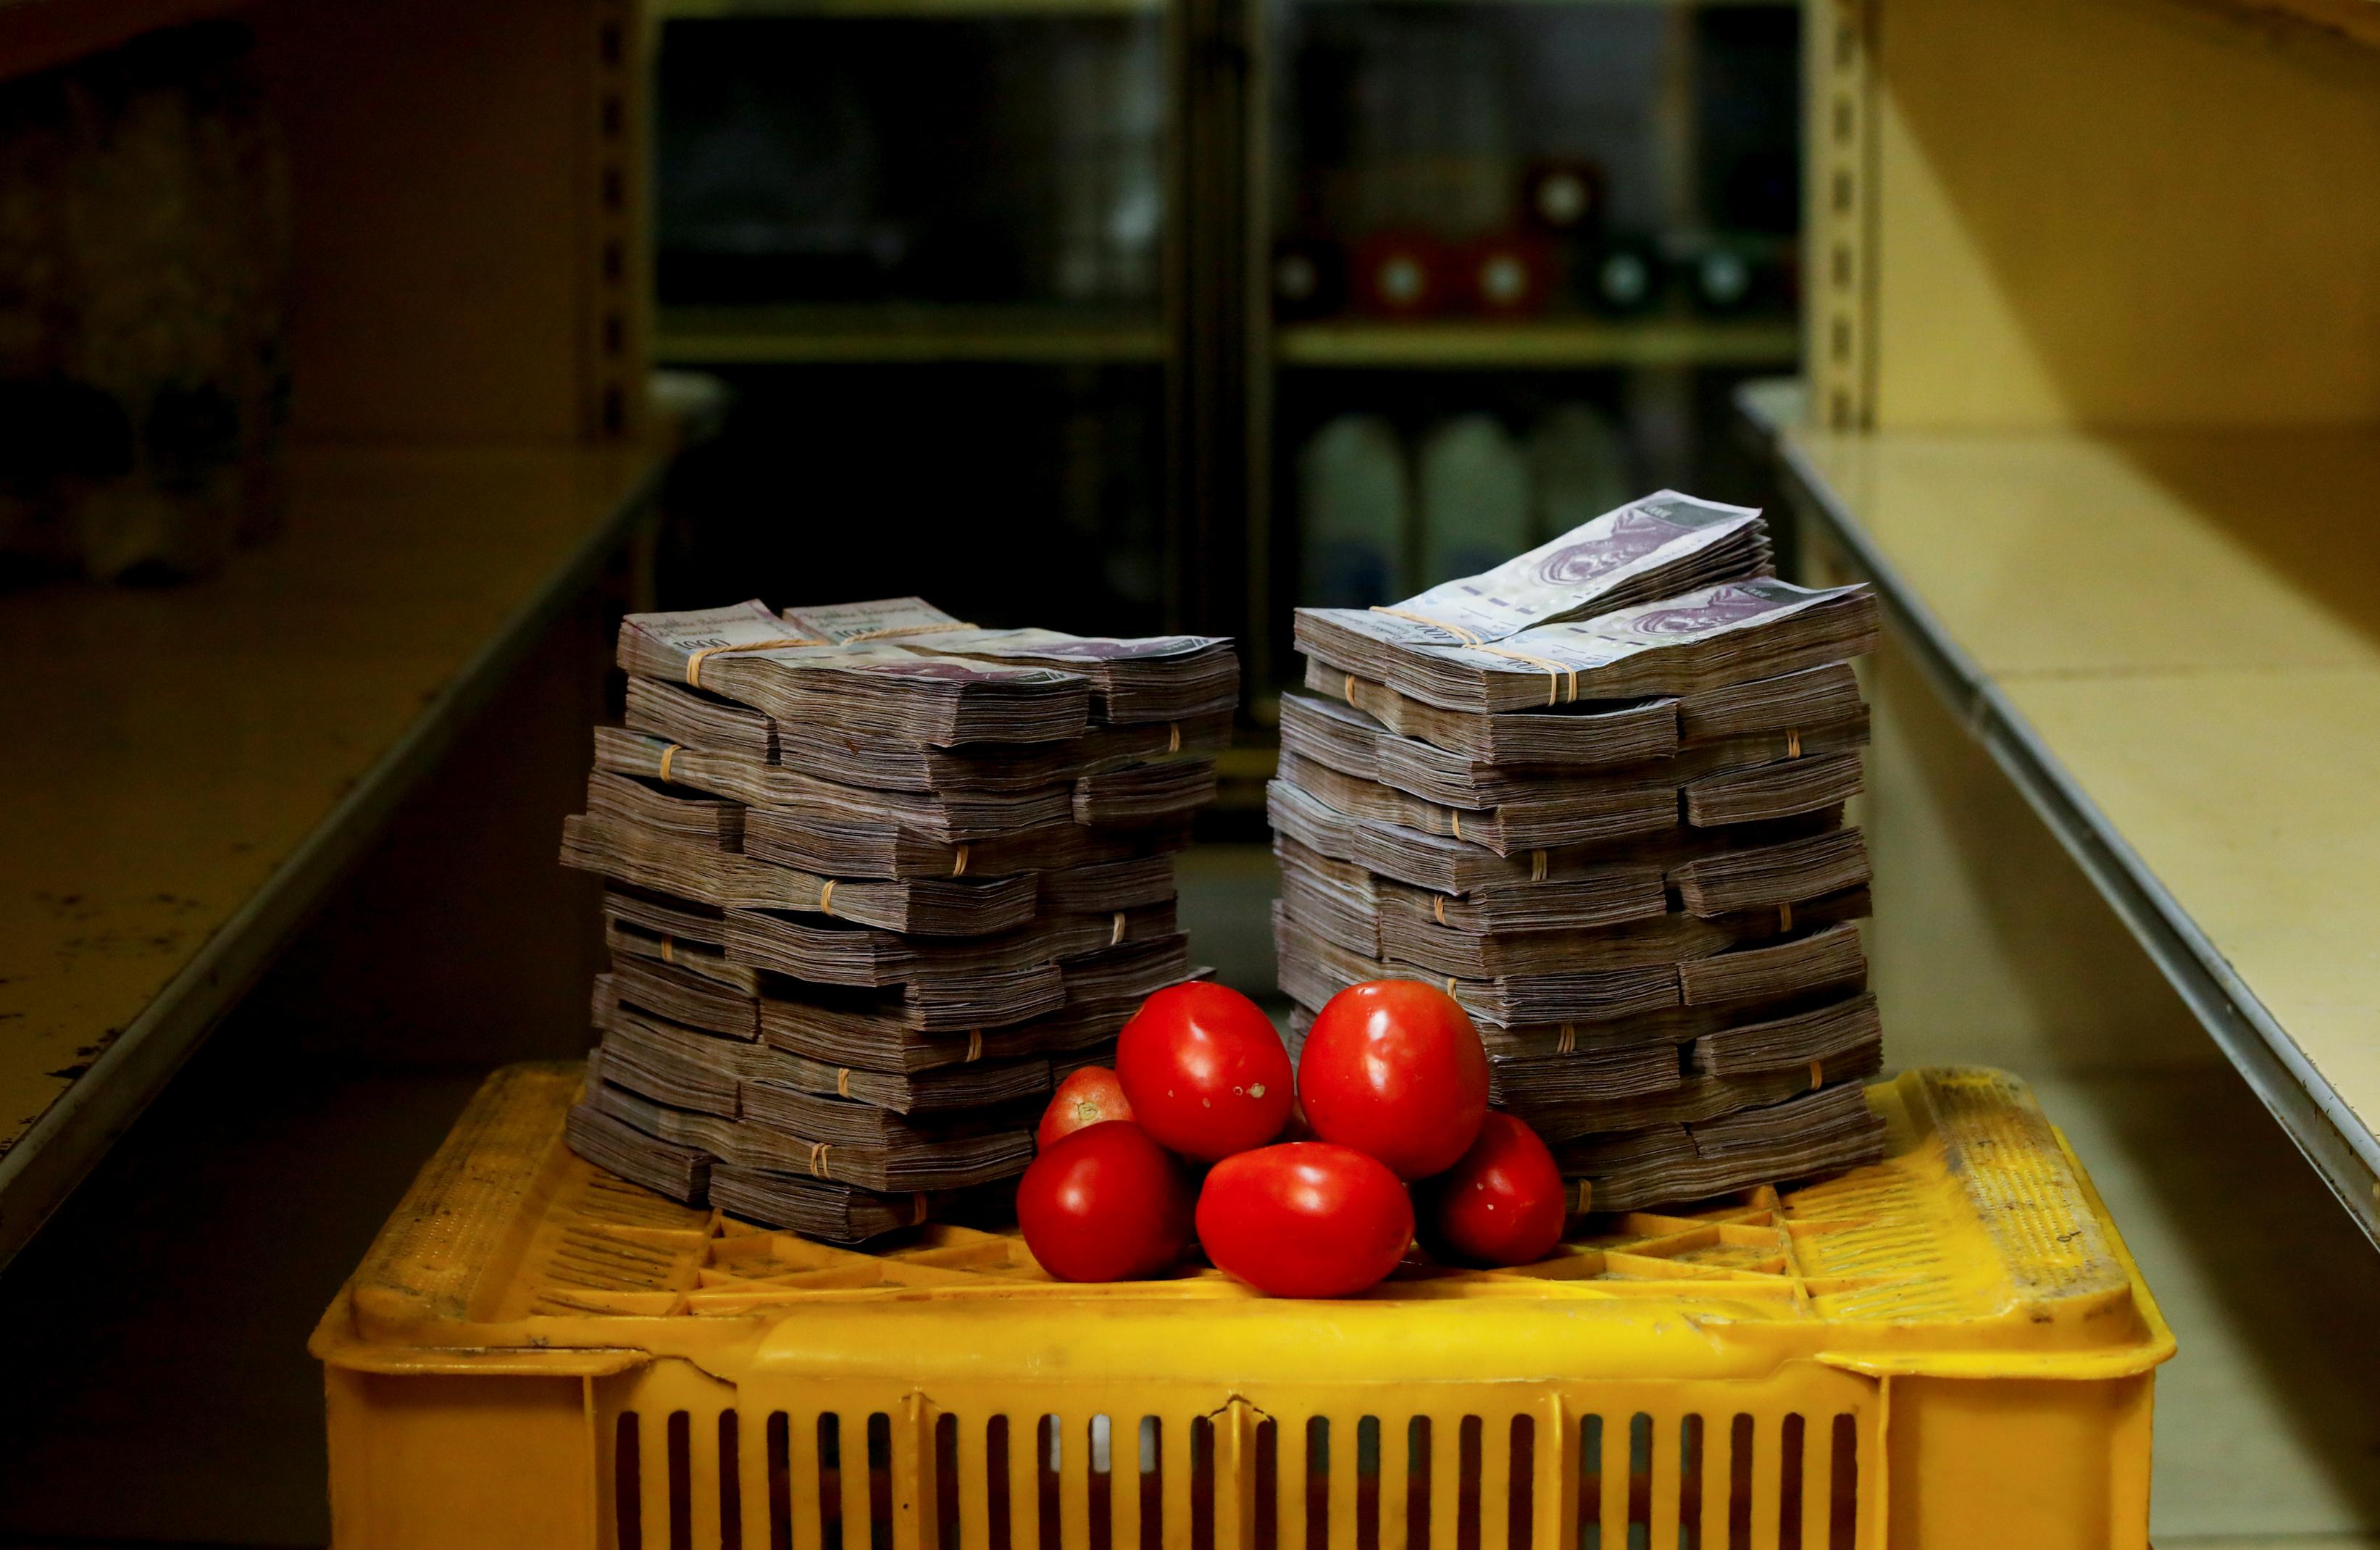 В августе 2018 года килограмм помидор можно было купить за 5 миллионов боливар – около 75 американских центов